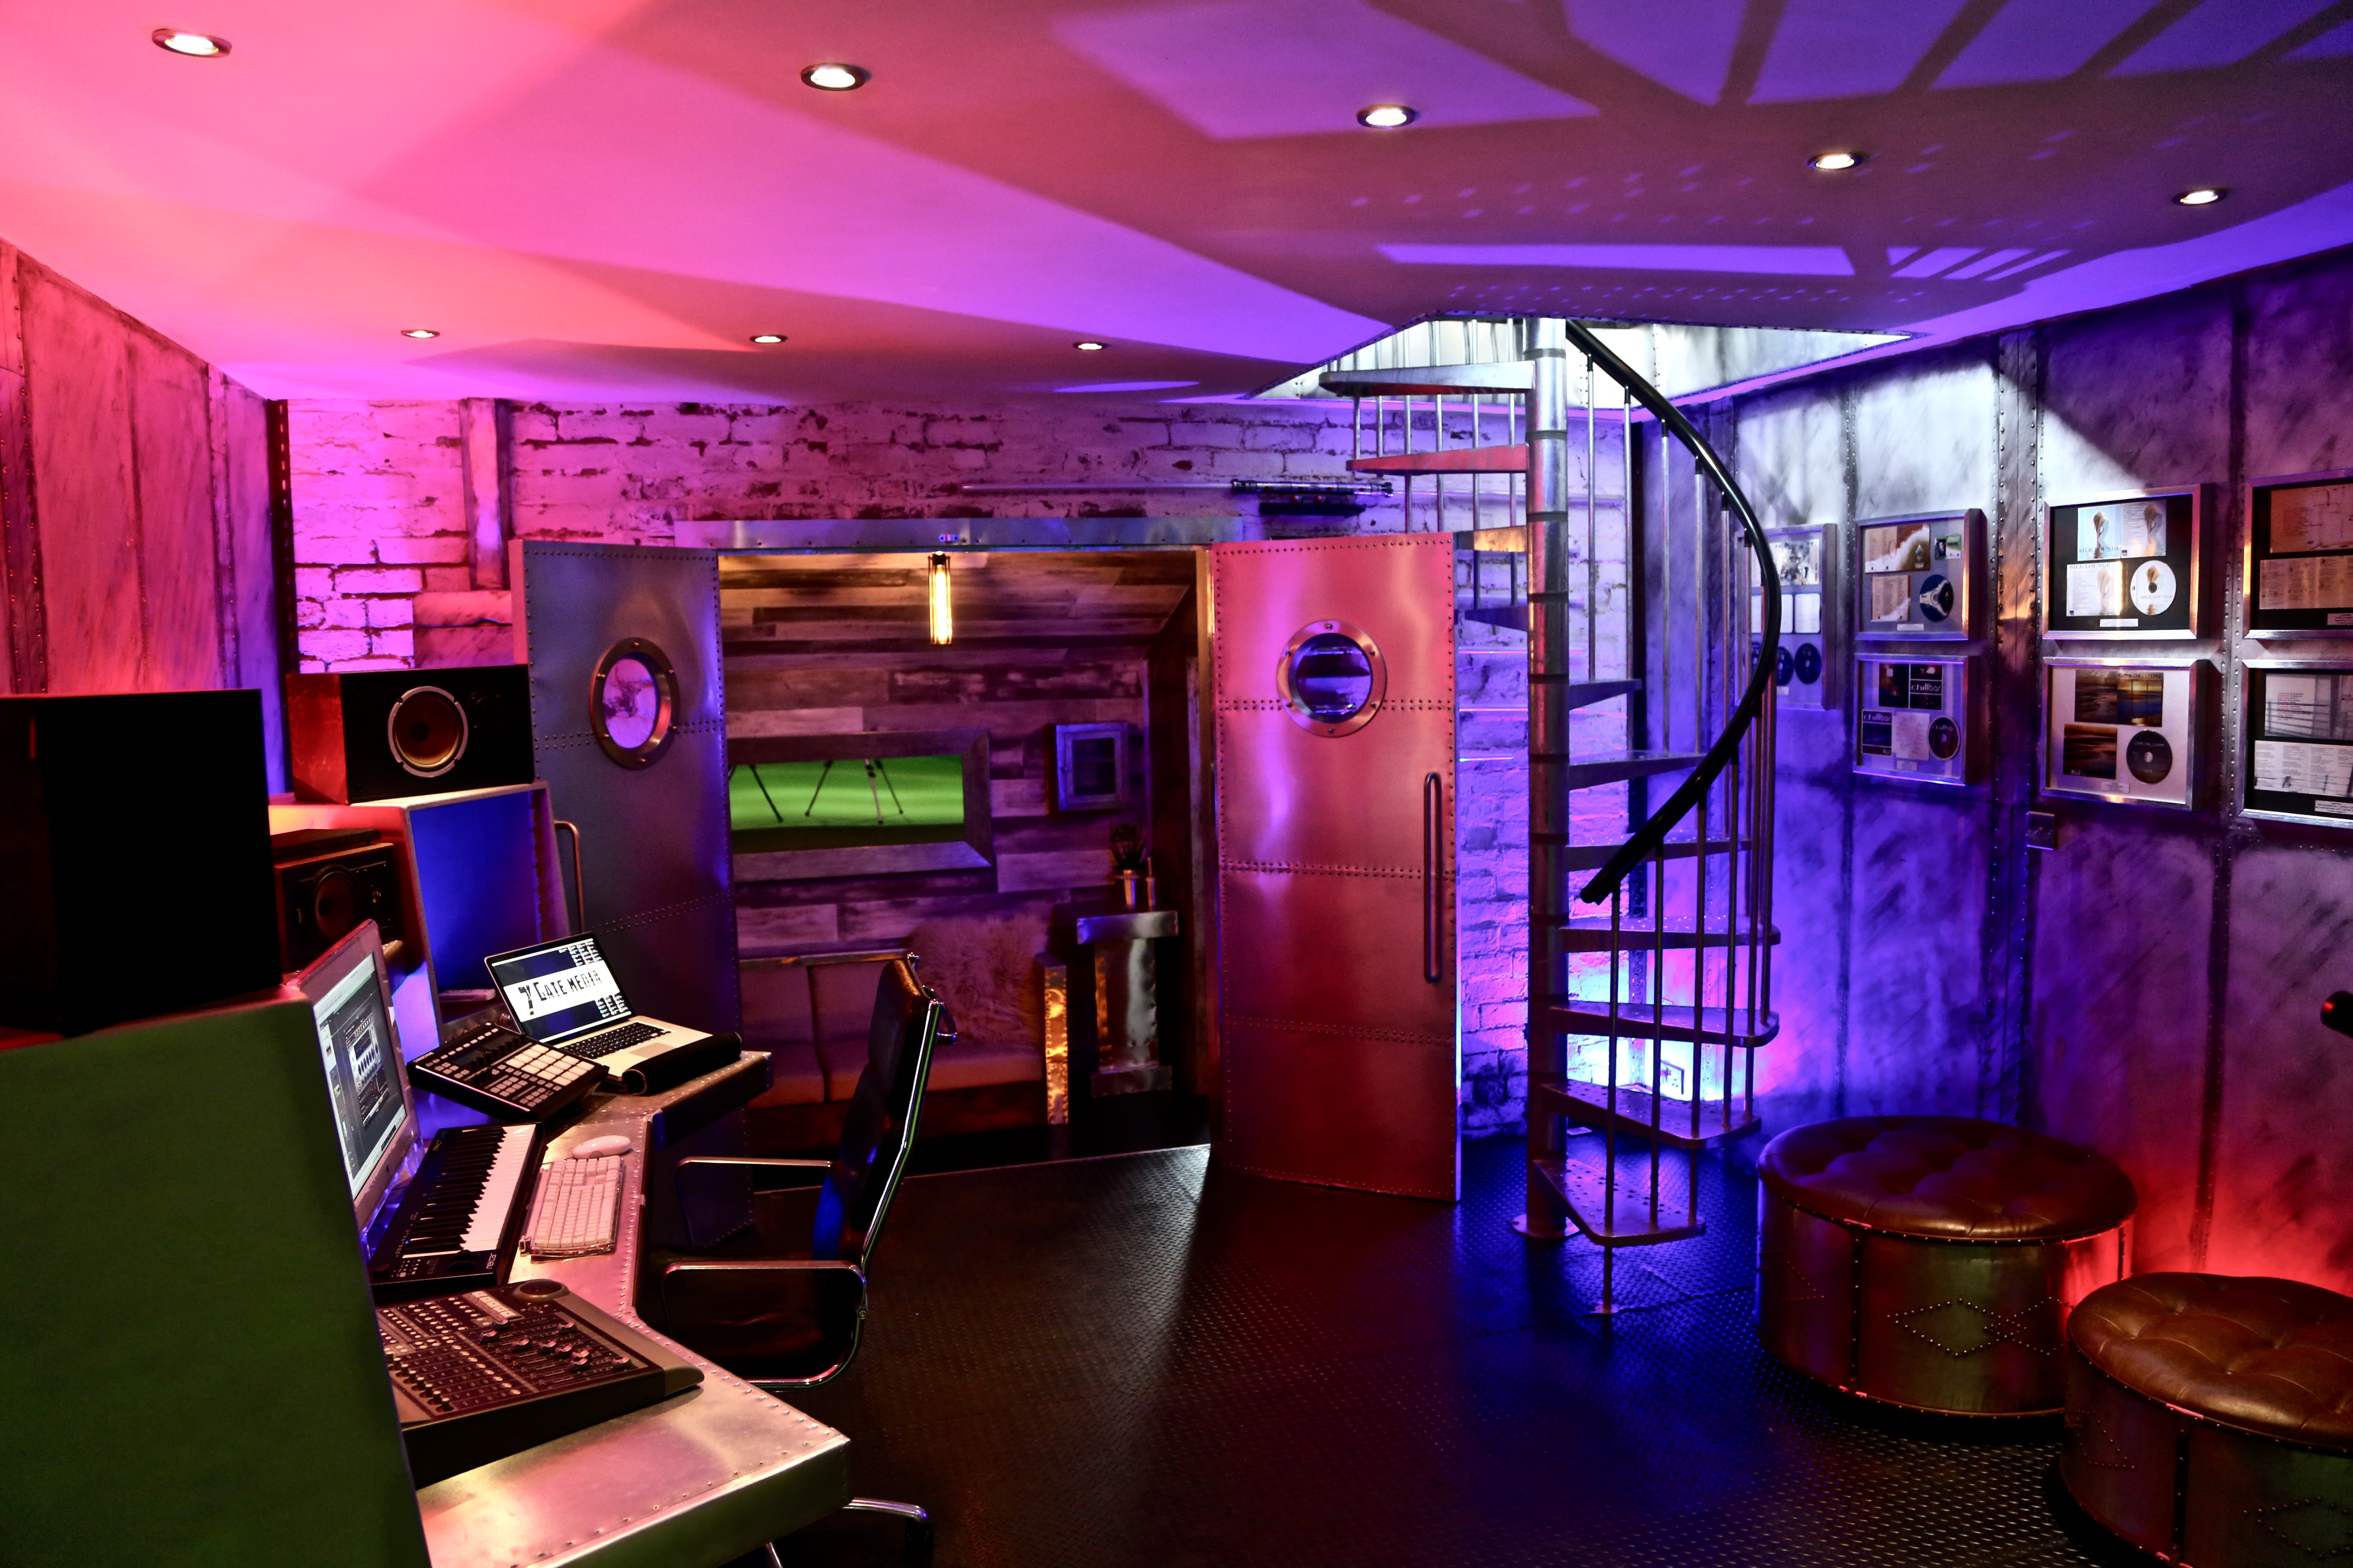 7Gate Media_Silver Studios - Studio 2 shot 4